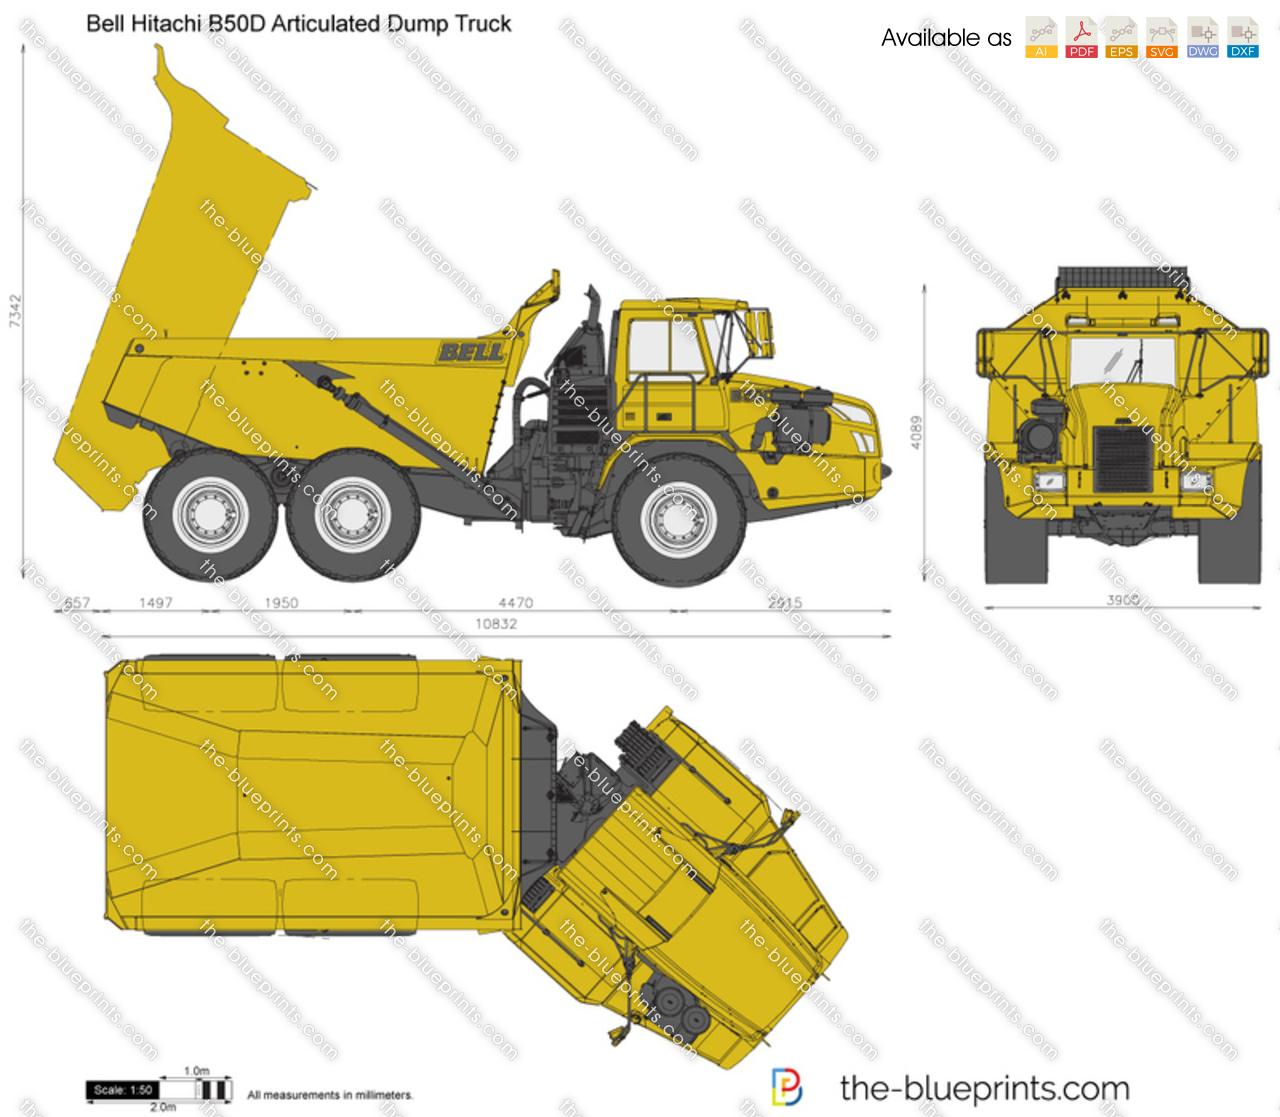 Bell Hitachi B50D Articulated Dump Truck